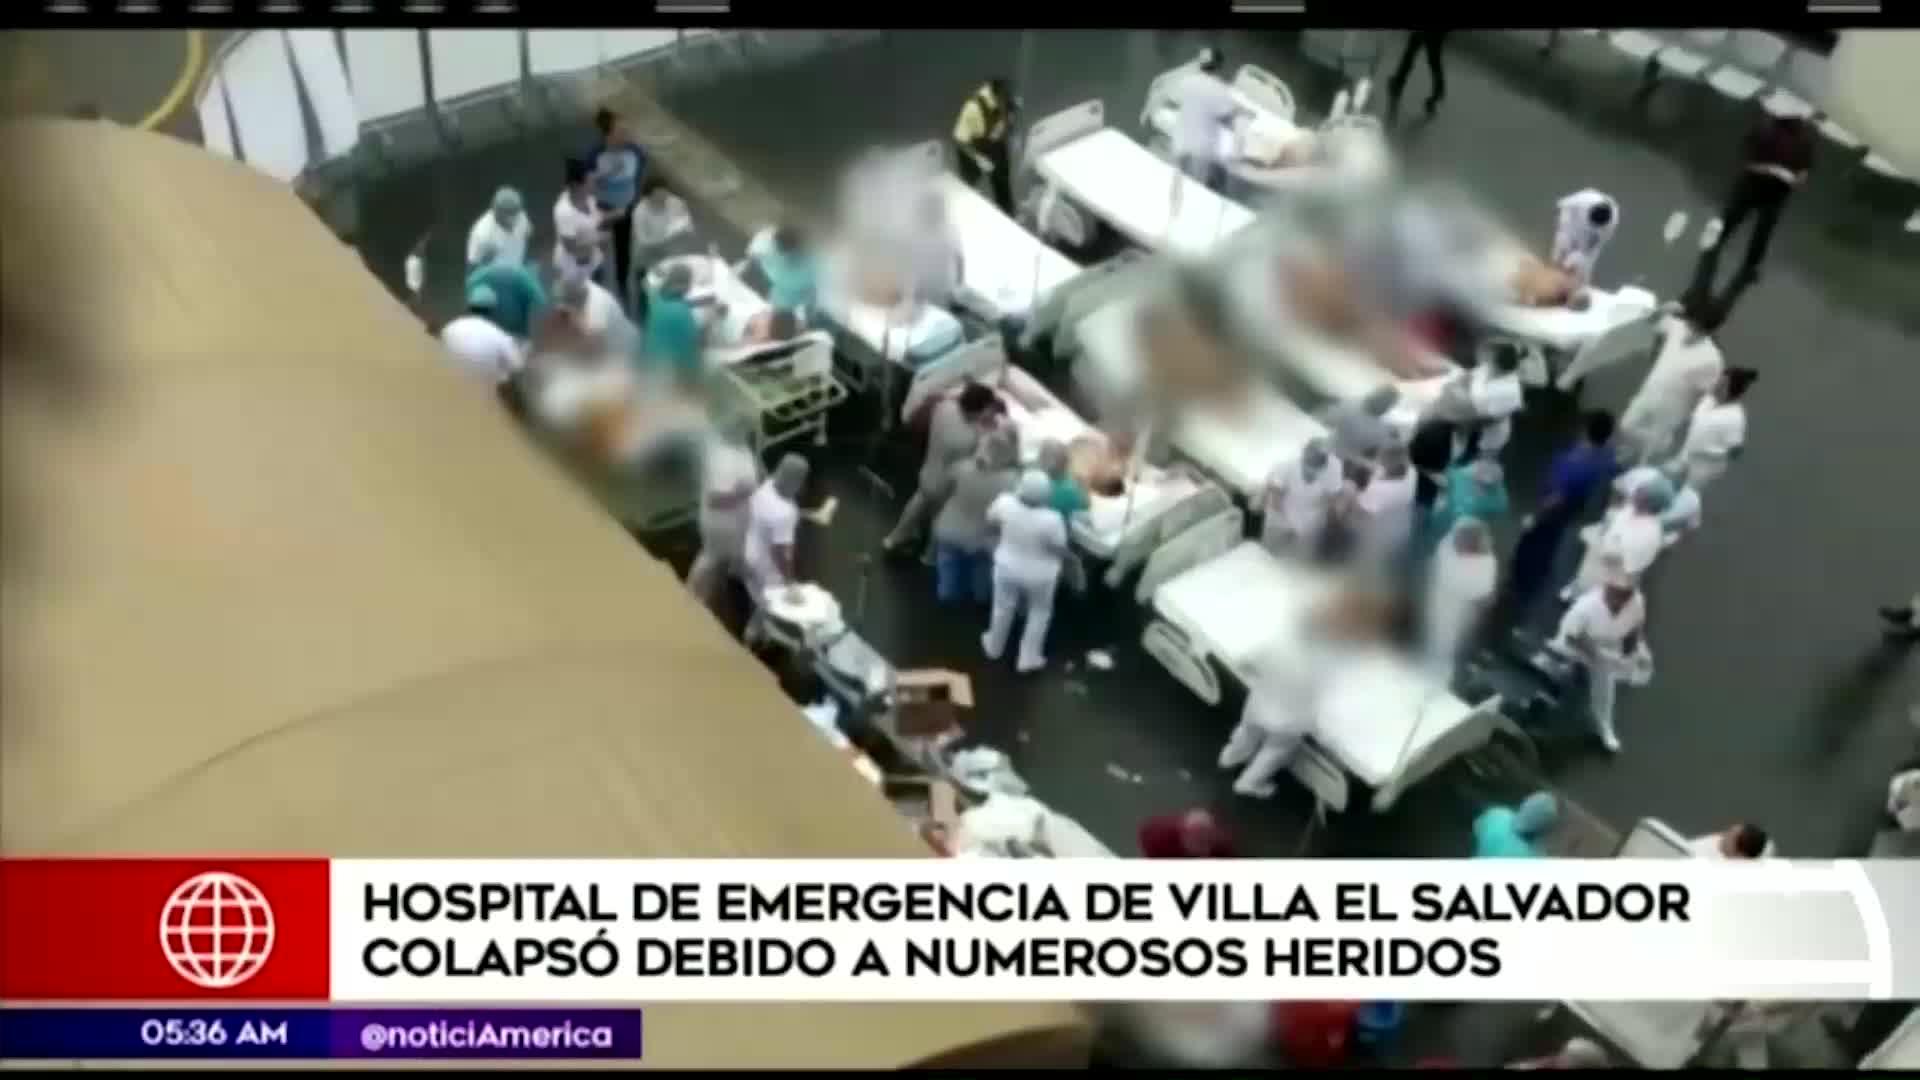 Tragedia en VES: hospital colapsó debido a la cantidad de heridos tras la explosión